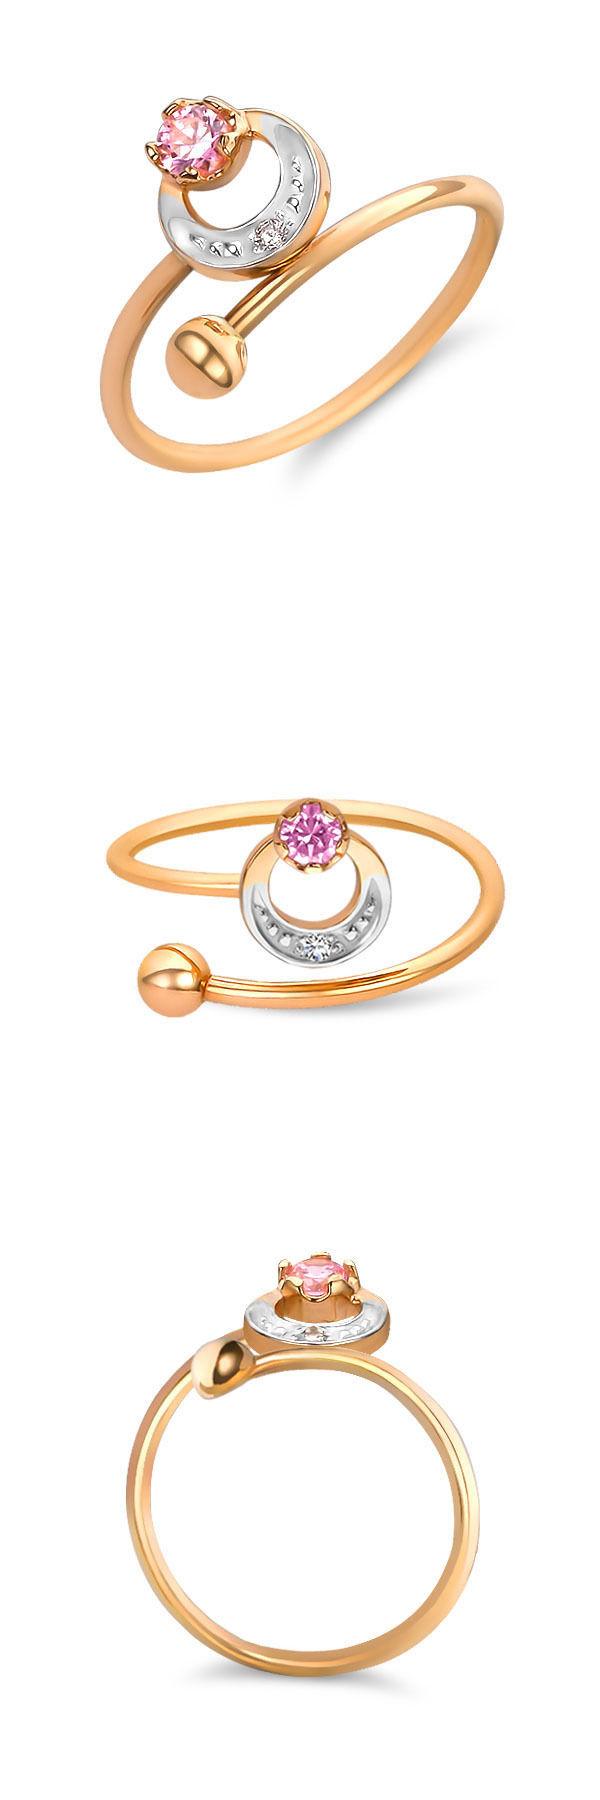 Rings 98477: Childrens 14K Gold Ring | Newborn Girl Jewelry | Baby ...